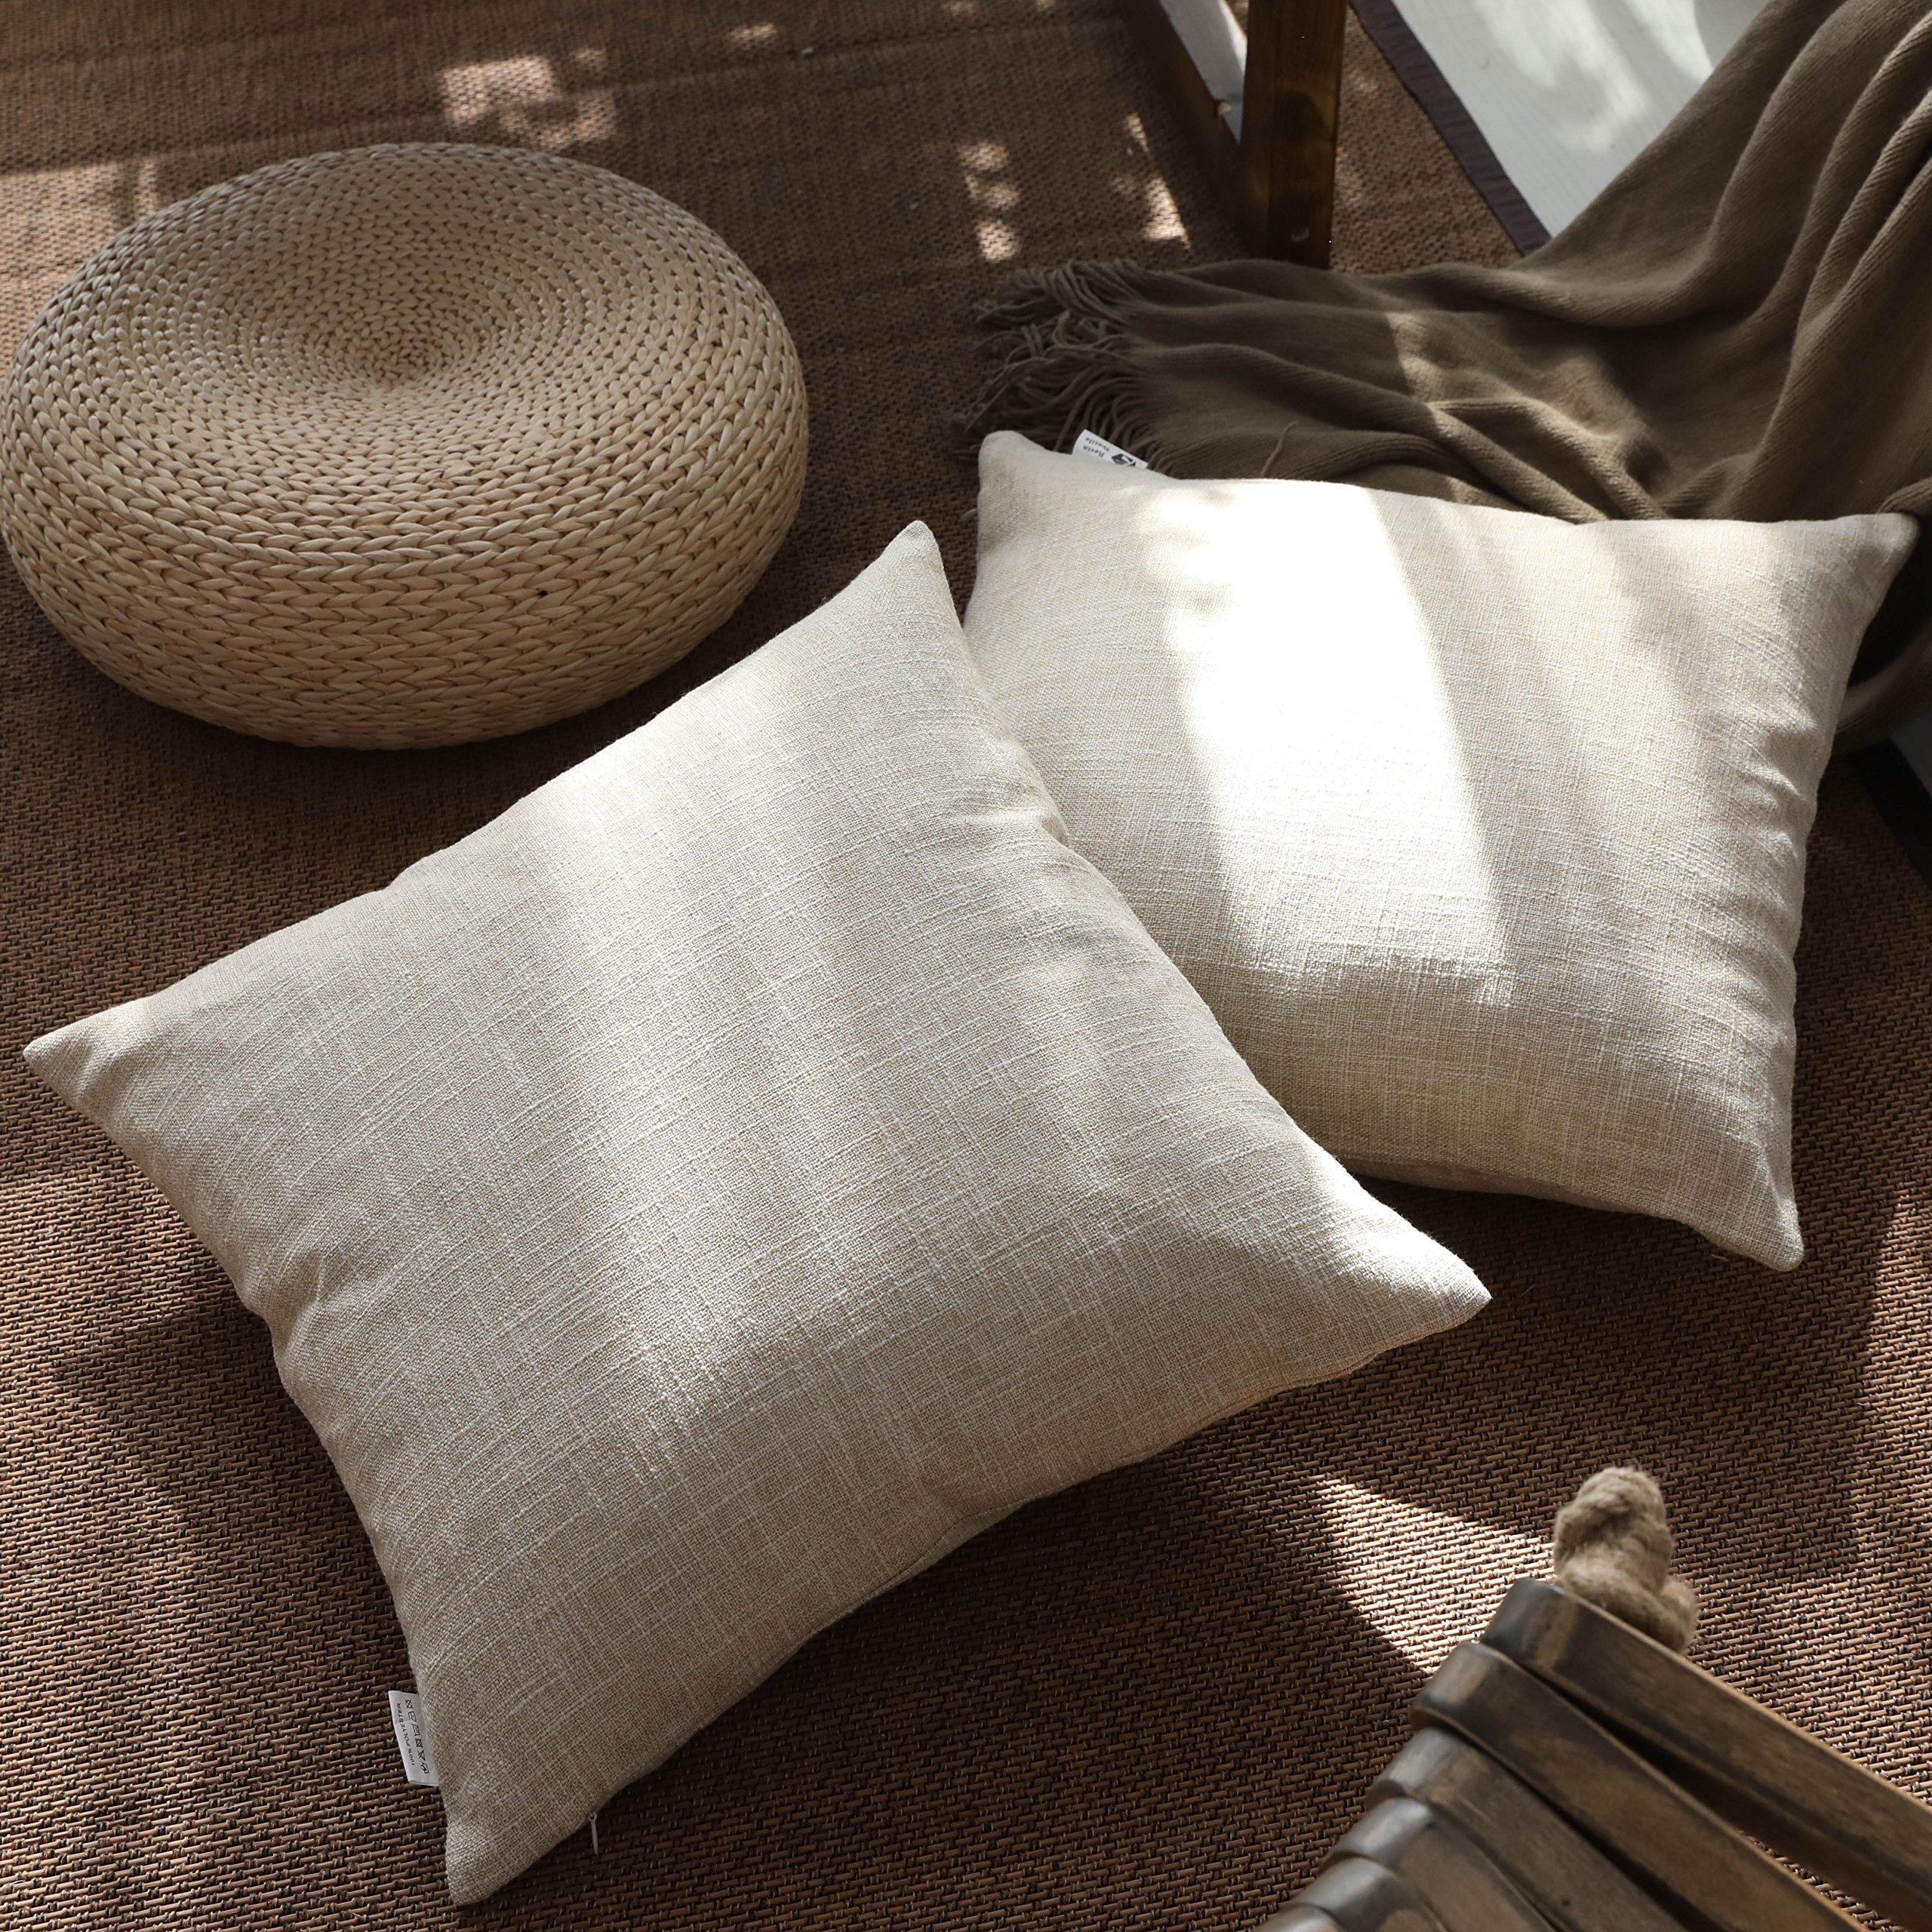 Kevin Textile Decor Lined Linen Pillow Cover Euro Throw Pillowcase Cushion Cover Pillow Sham for Sofa, Hidden Zipper, 18''x18''(2 Pieces, Natural Linen)